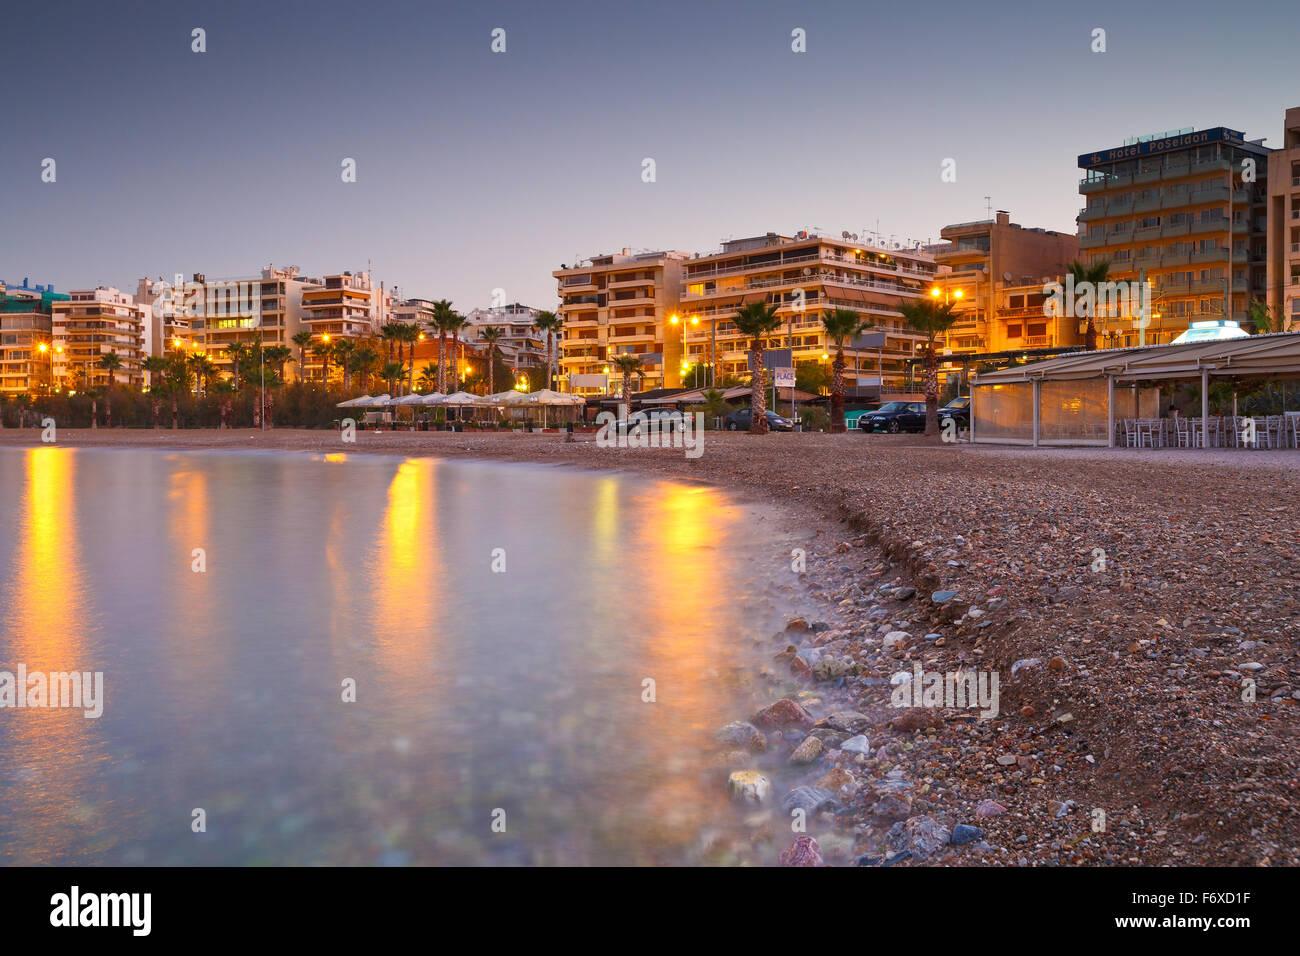 Plage de Palaio Faliro et le front de mer d'Athènes, Grèce Photo Stock